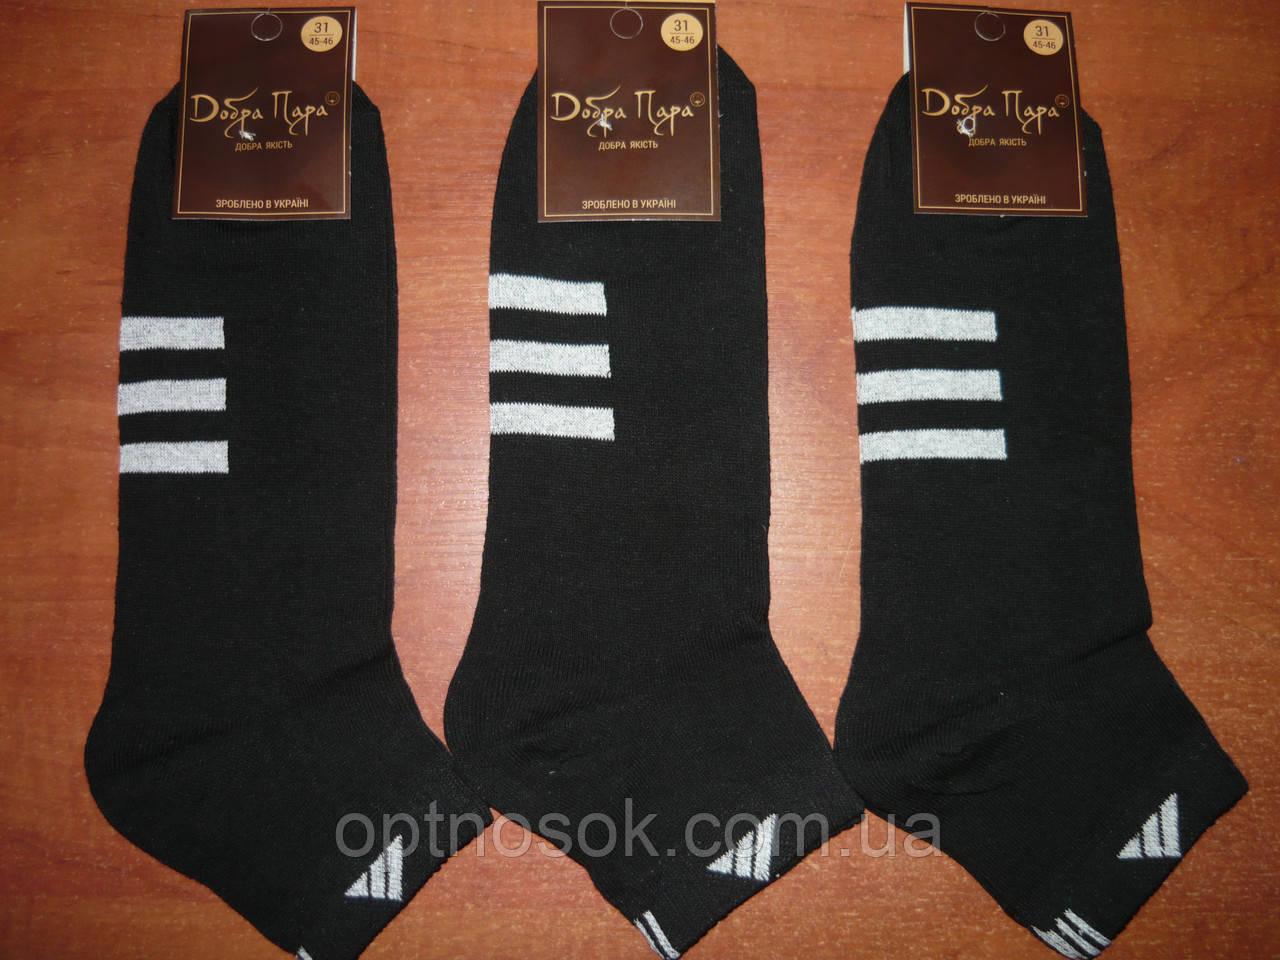 """Мужские носки """"Добра пара"""" """"в стиле"""" Adidas. р. 31 (45-46). Черные. Гладь."""